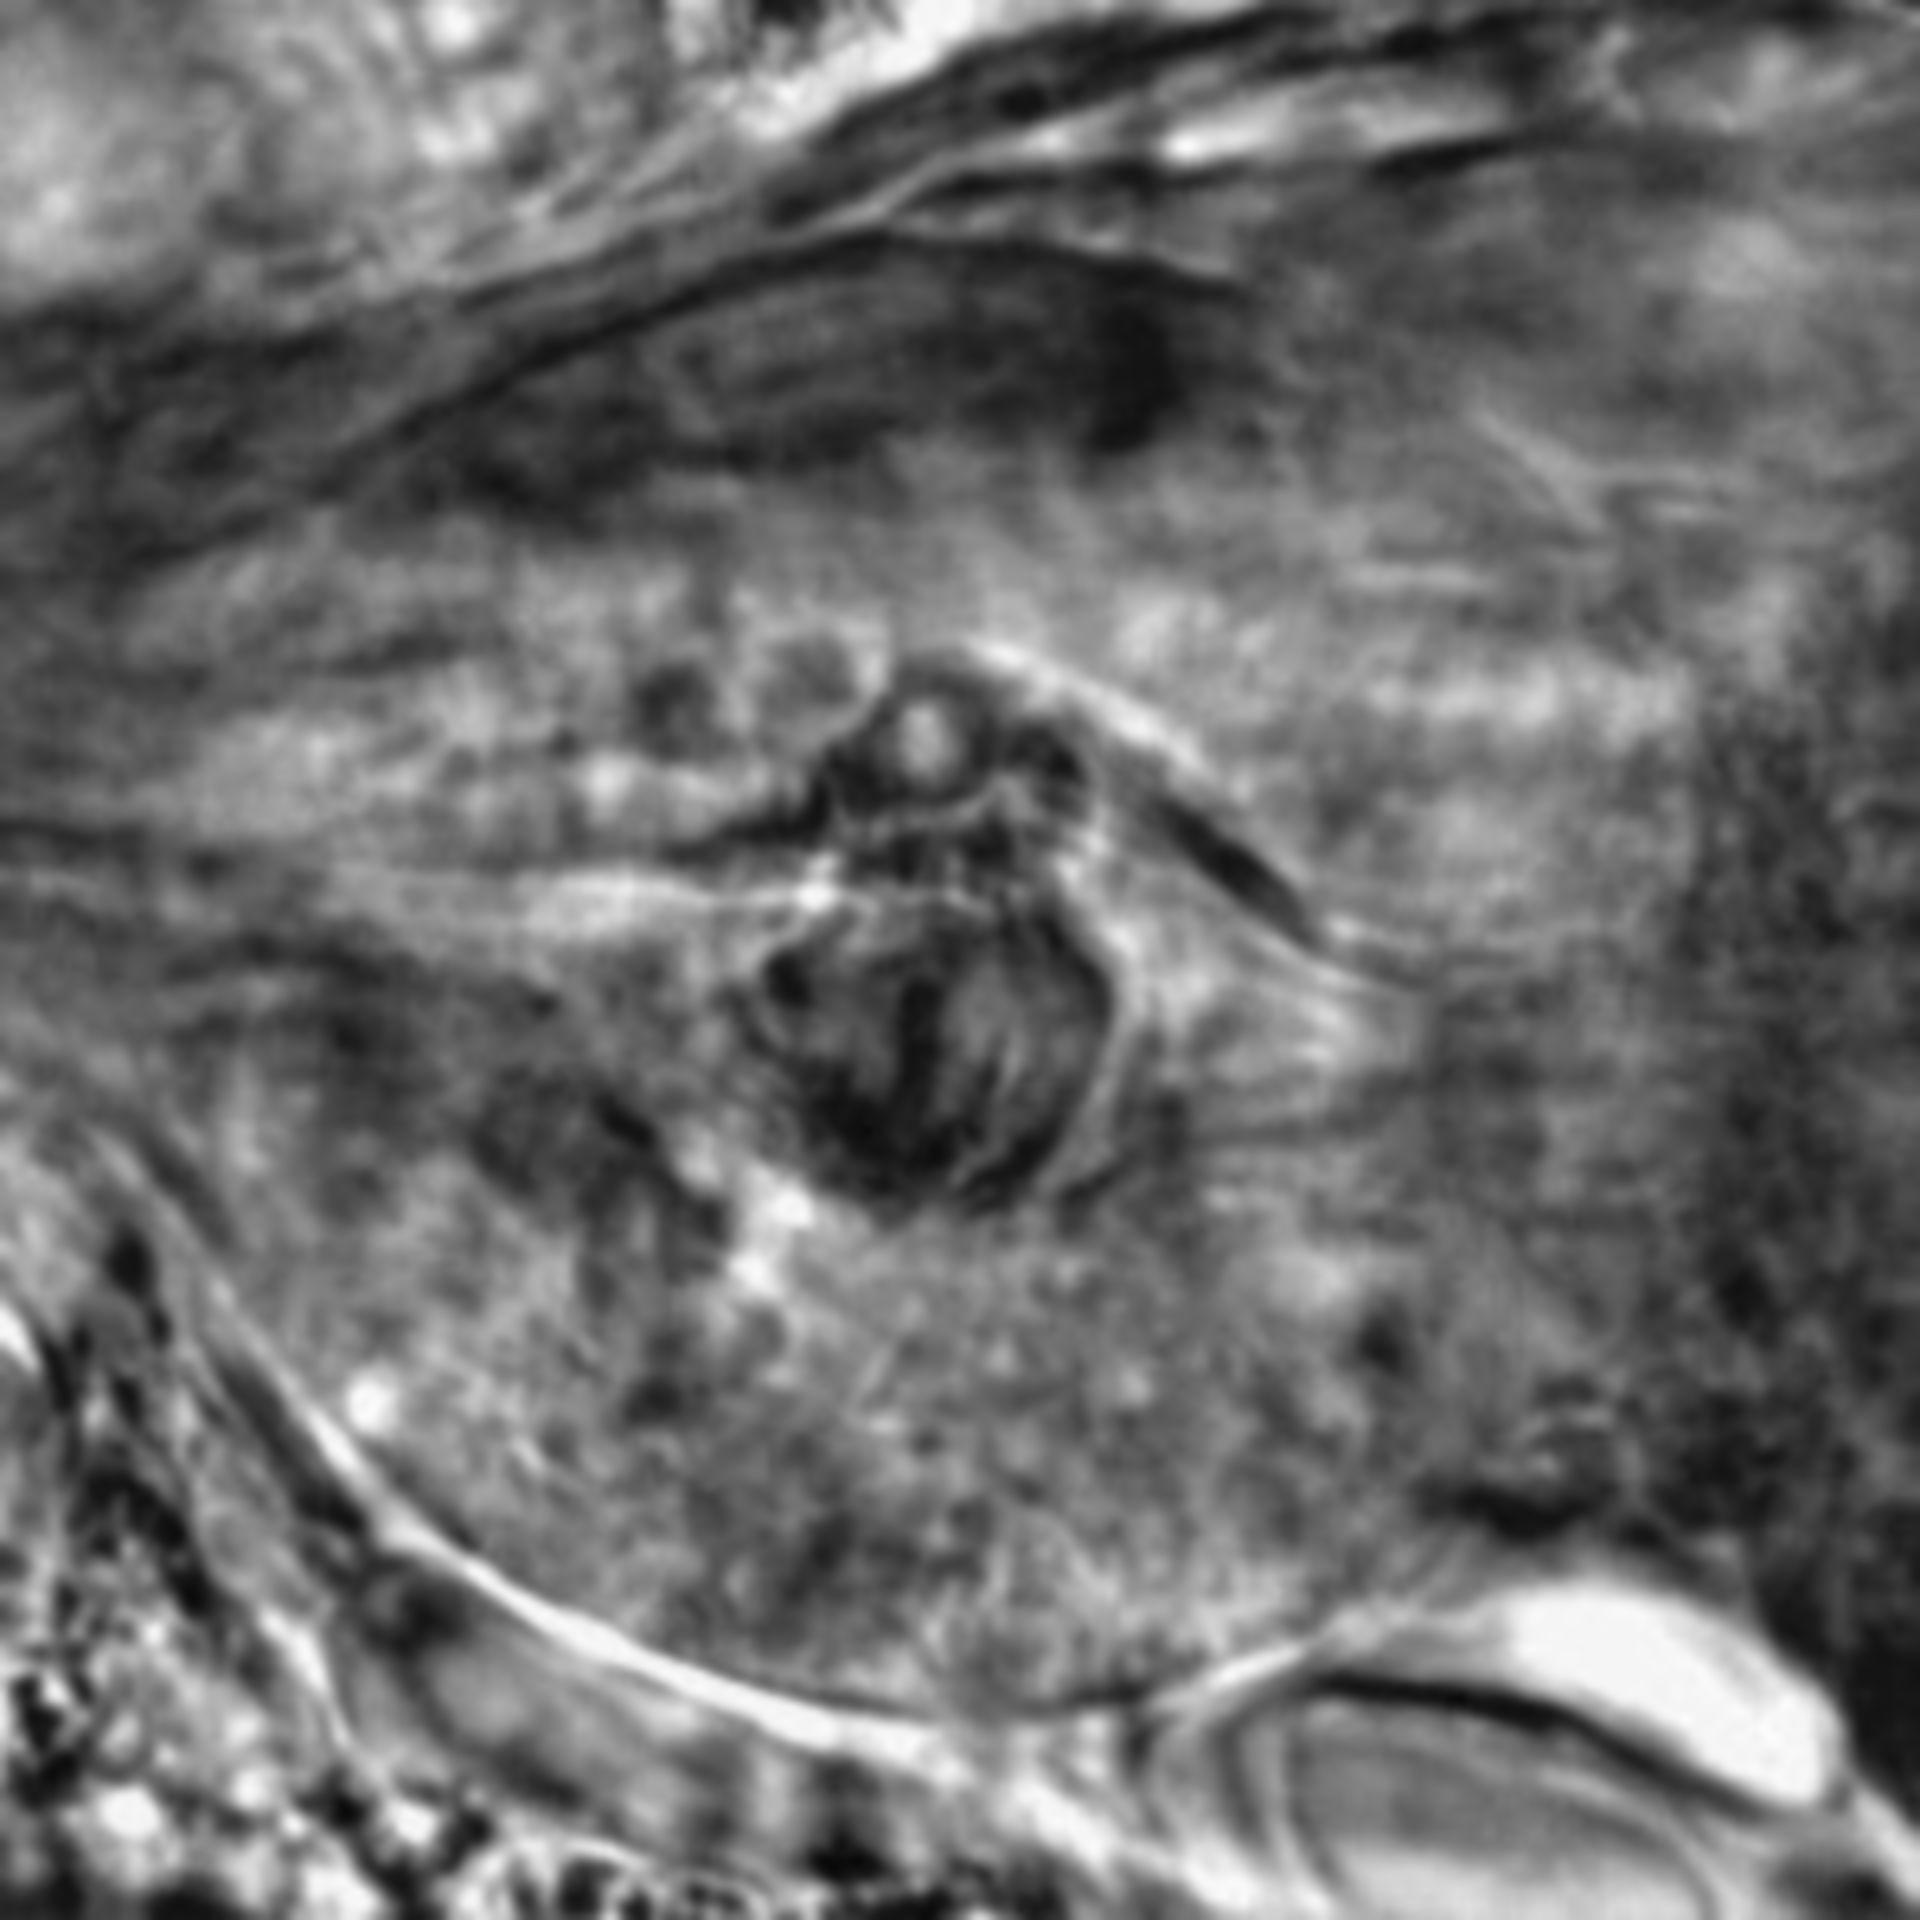 Caenorhabditis elegans - CIL:2283